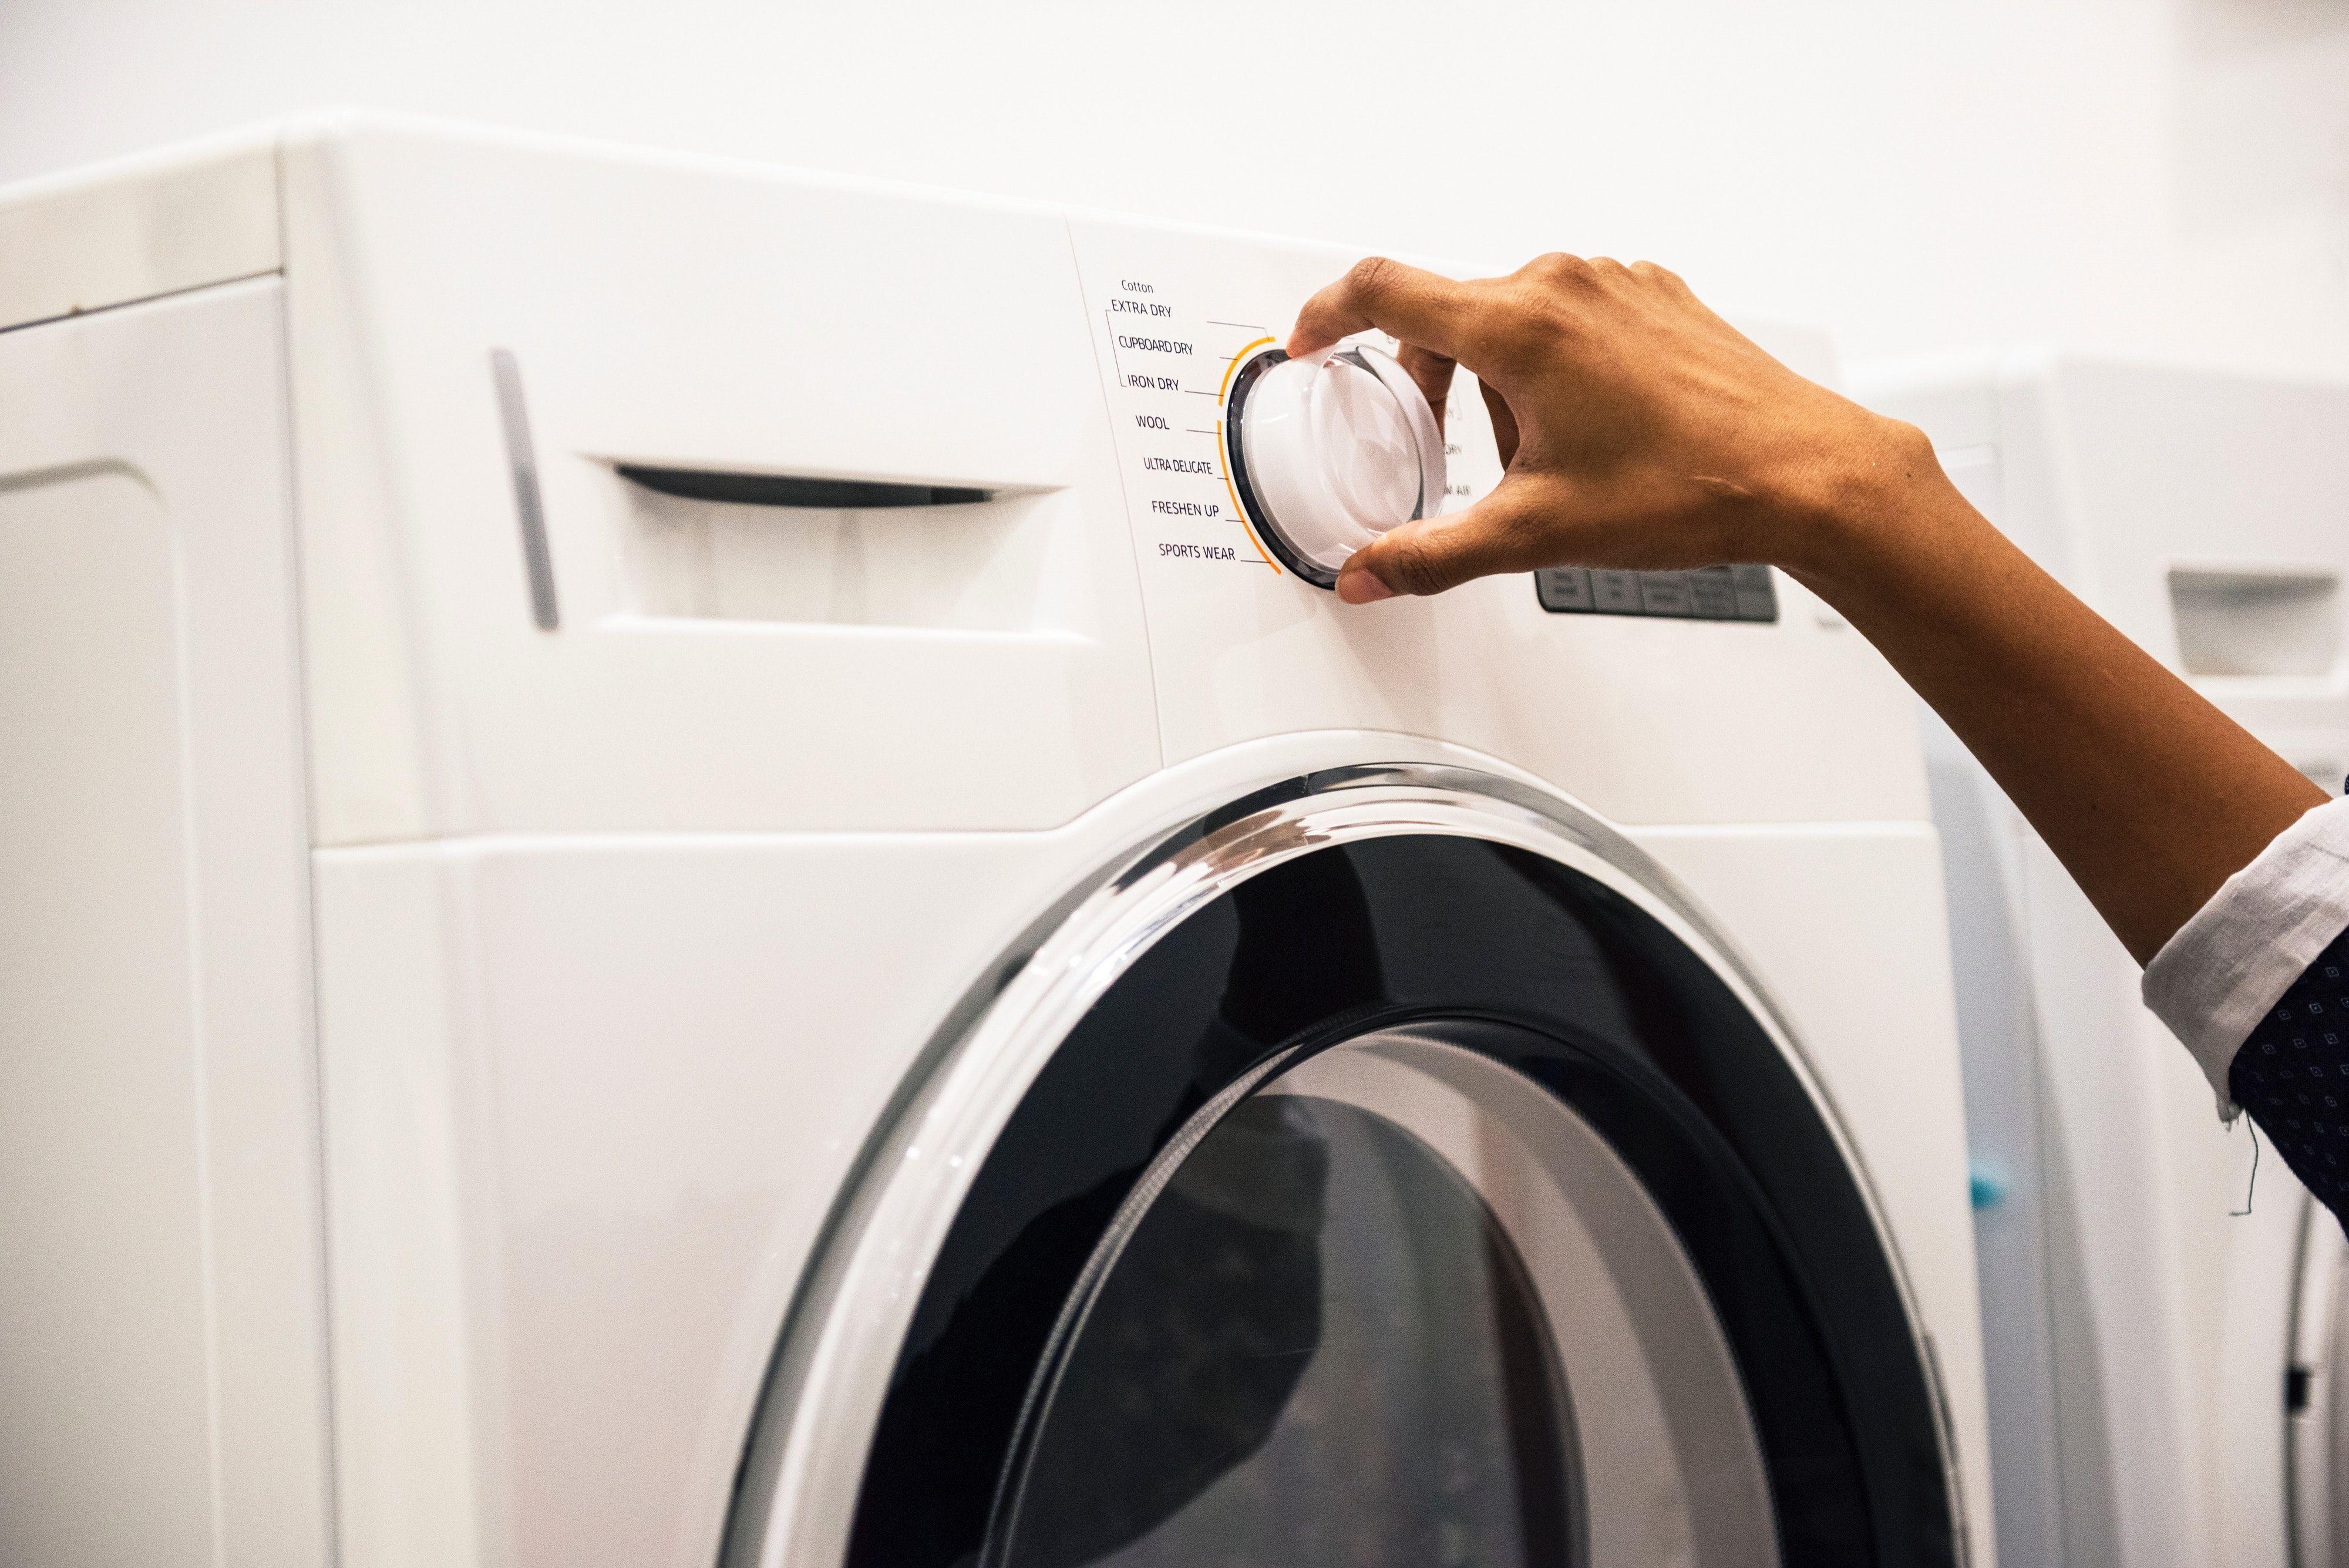 ¿A qué temperatura se debe lavar la ropa?